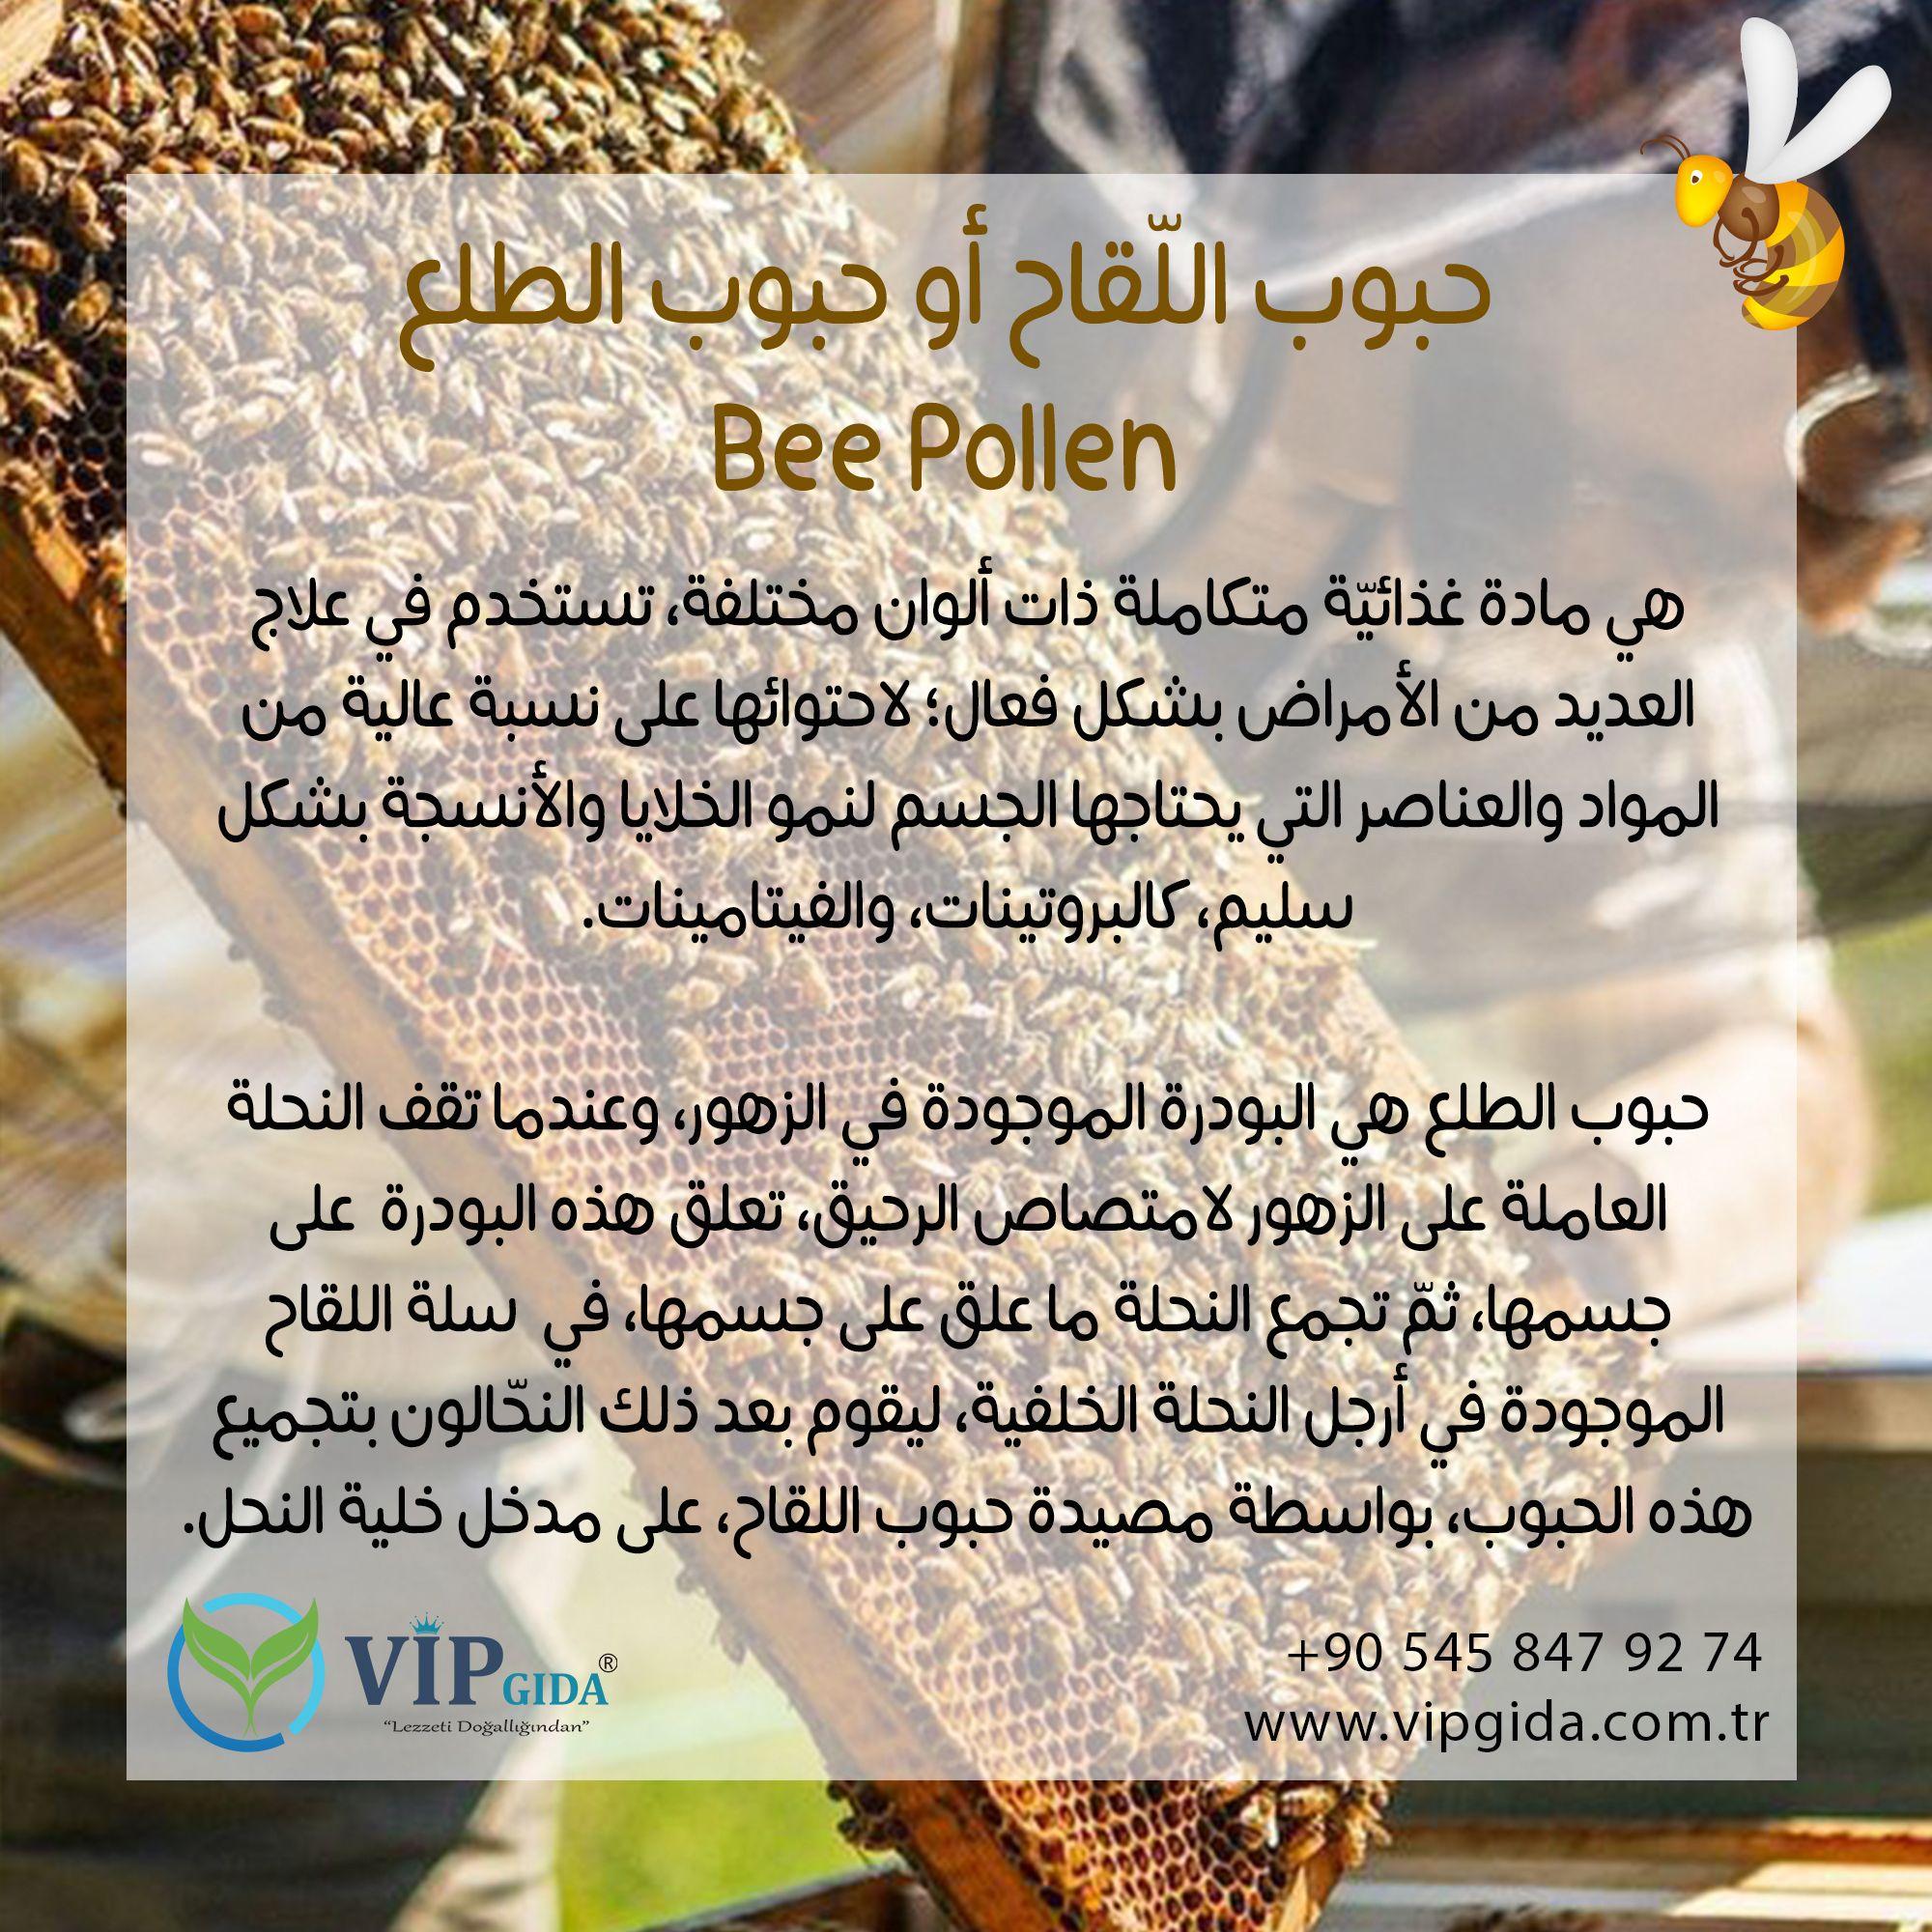 الأغذية الطبيعية حبوب الل قاح Pollen Gida